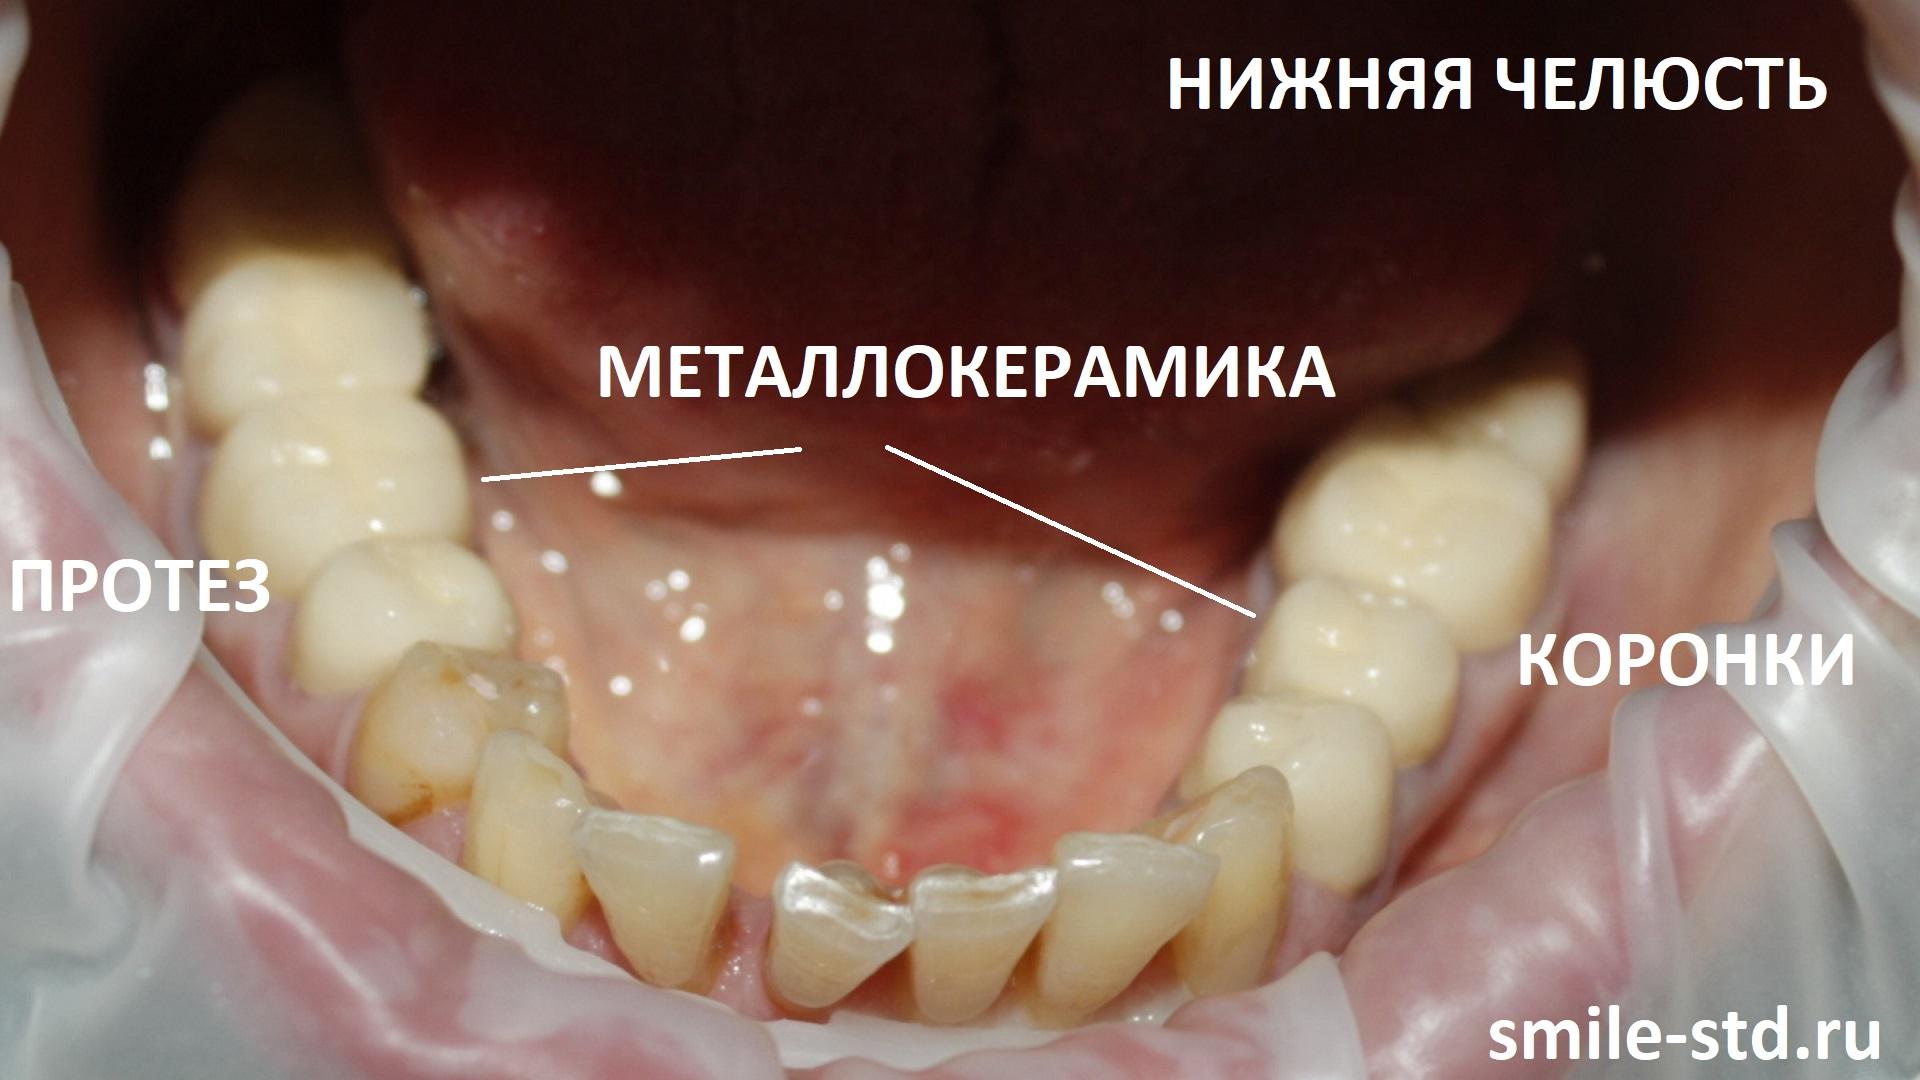 Неправильная установка металлокерамики на нижней челюсти привела к развитию окклюзионной травмы, пародонтита и кариеса.